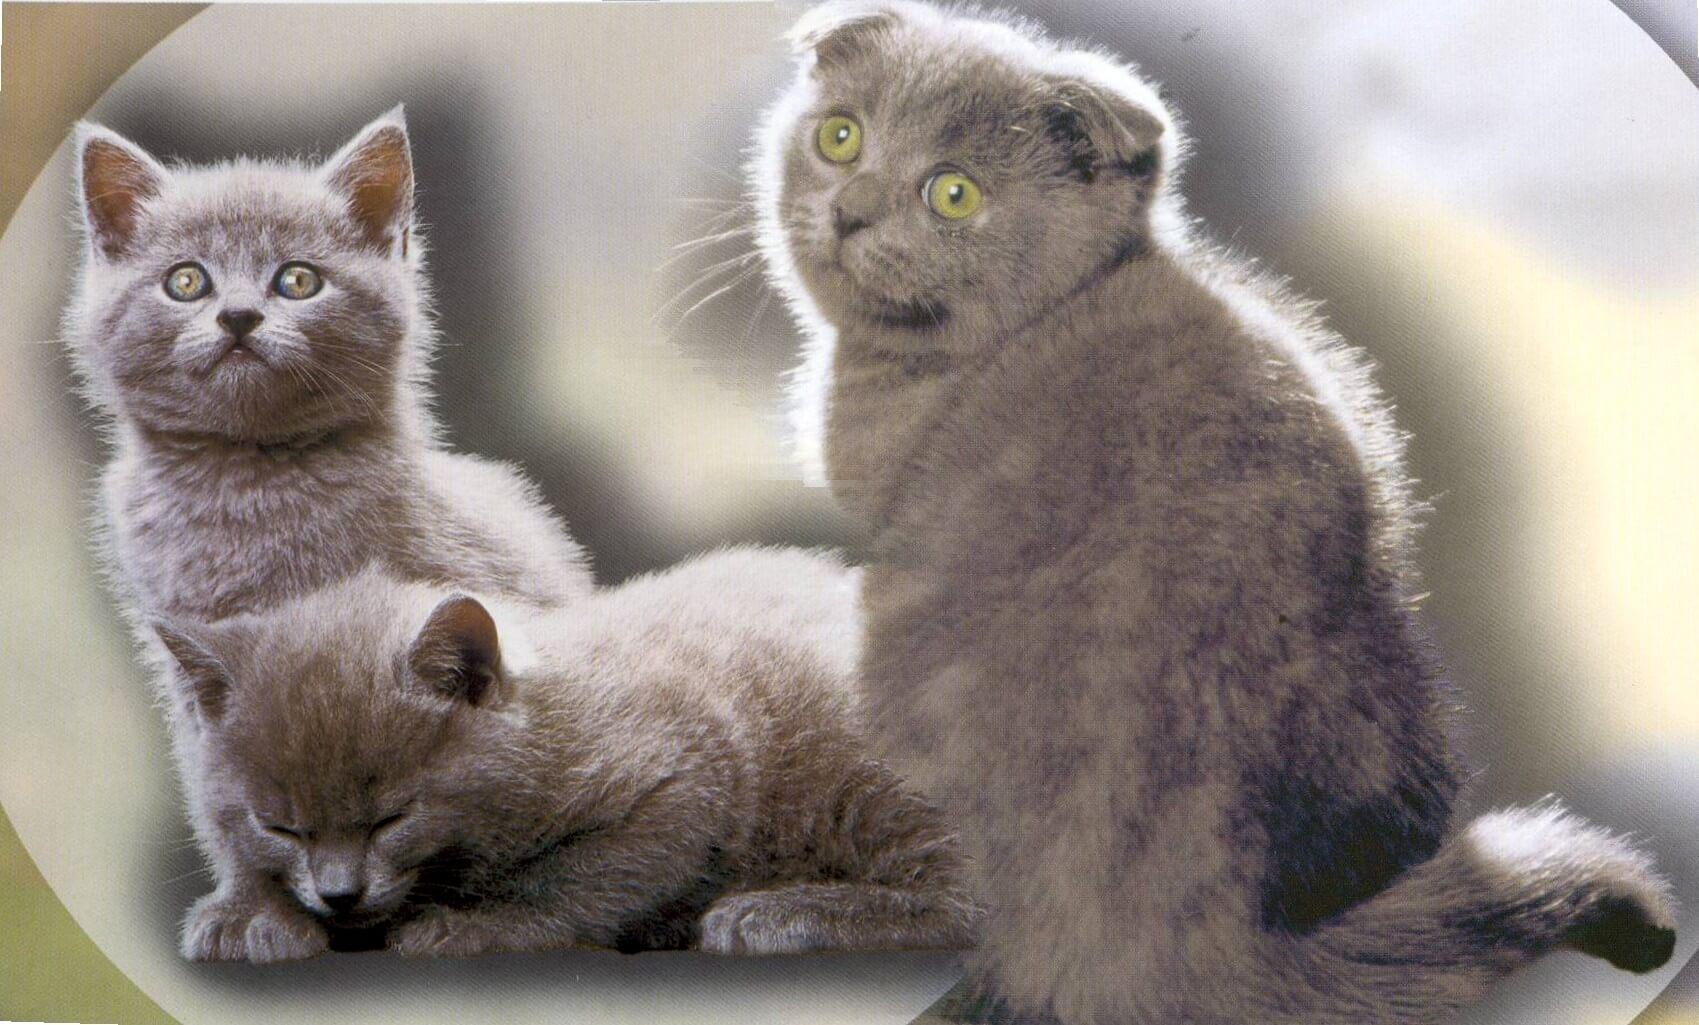 Evcil Hayvan Hastalıkları Teşhis ve Tedavi Merkezi